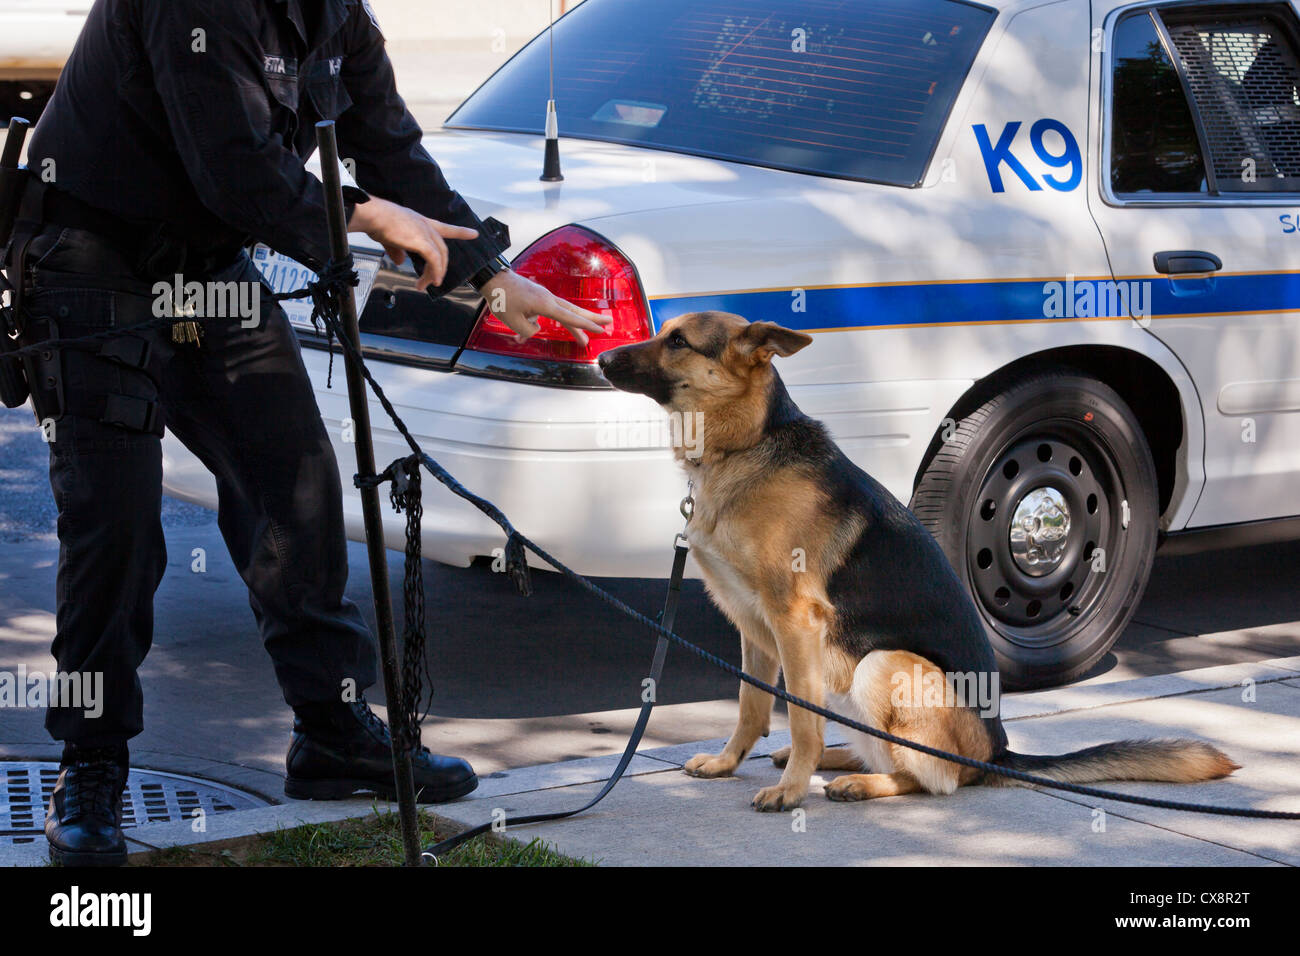 Police dog (Police K9 dog sit) - Washington, DC USA - Stock Image